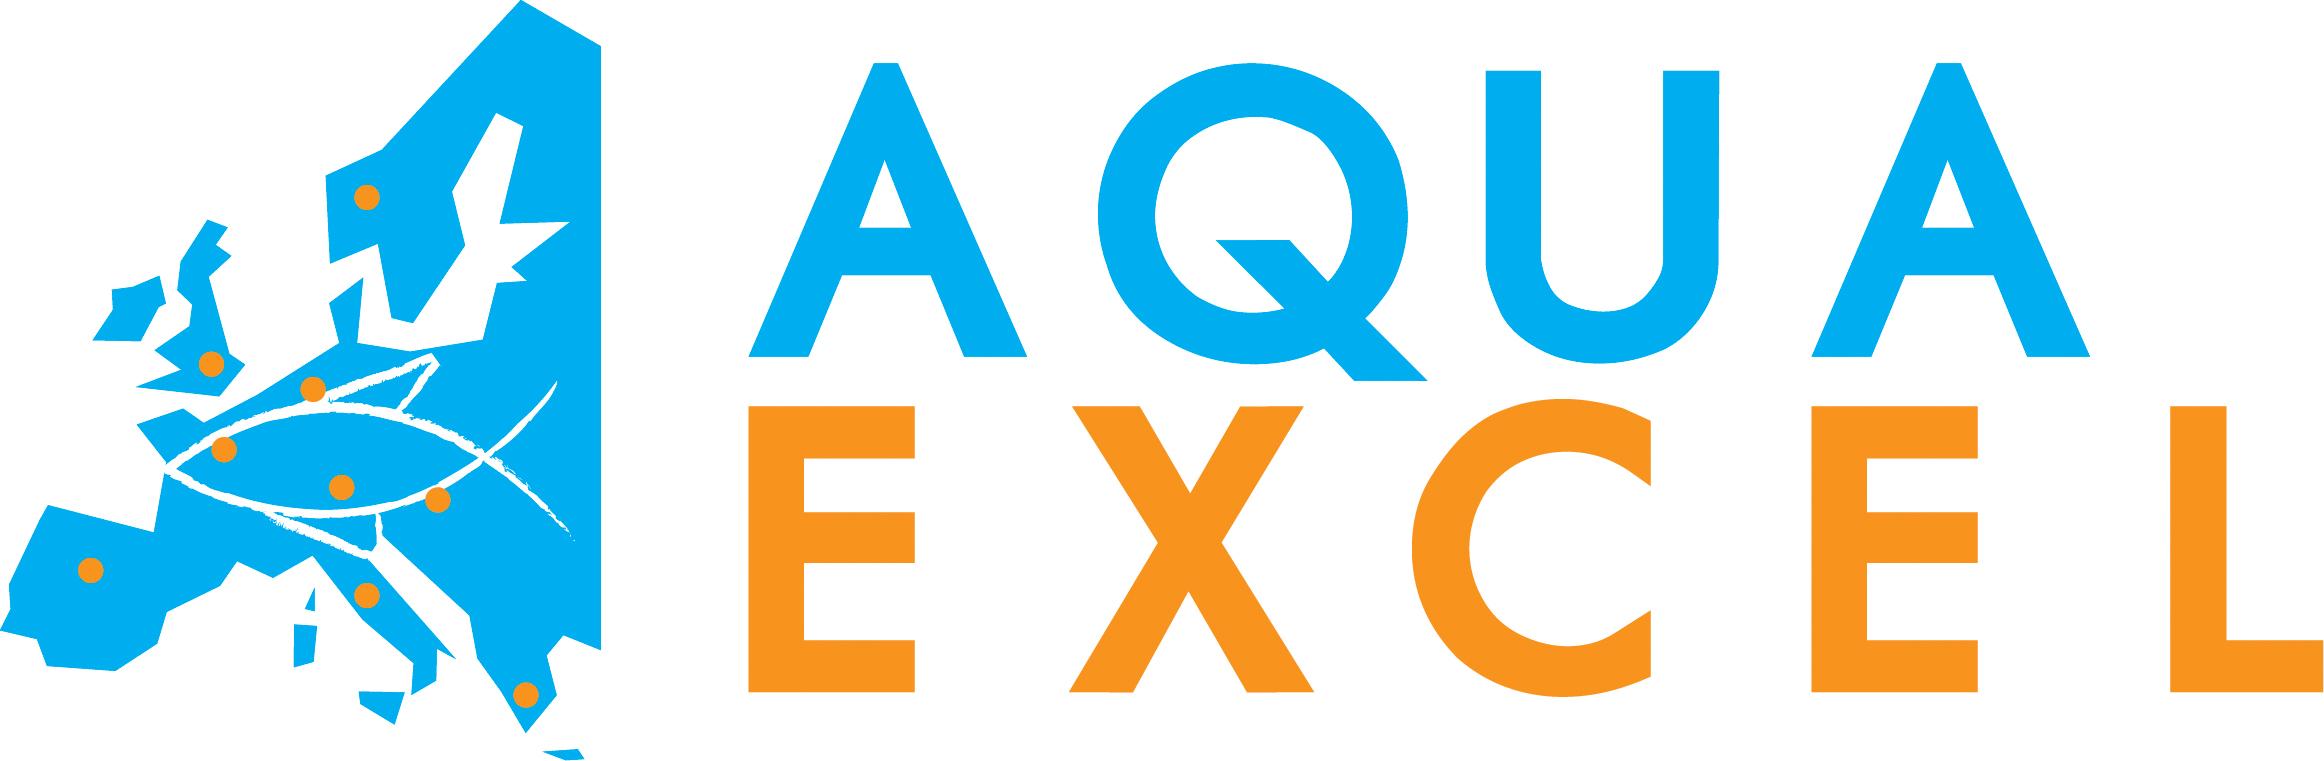 Final Aquaexcel logo 12-4-11 v13